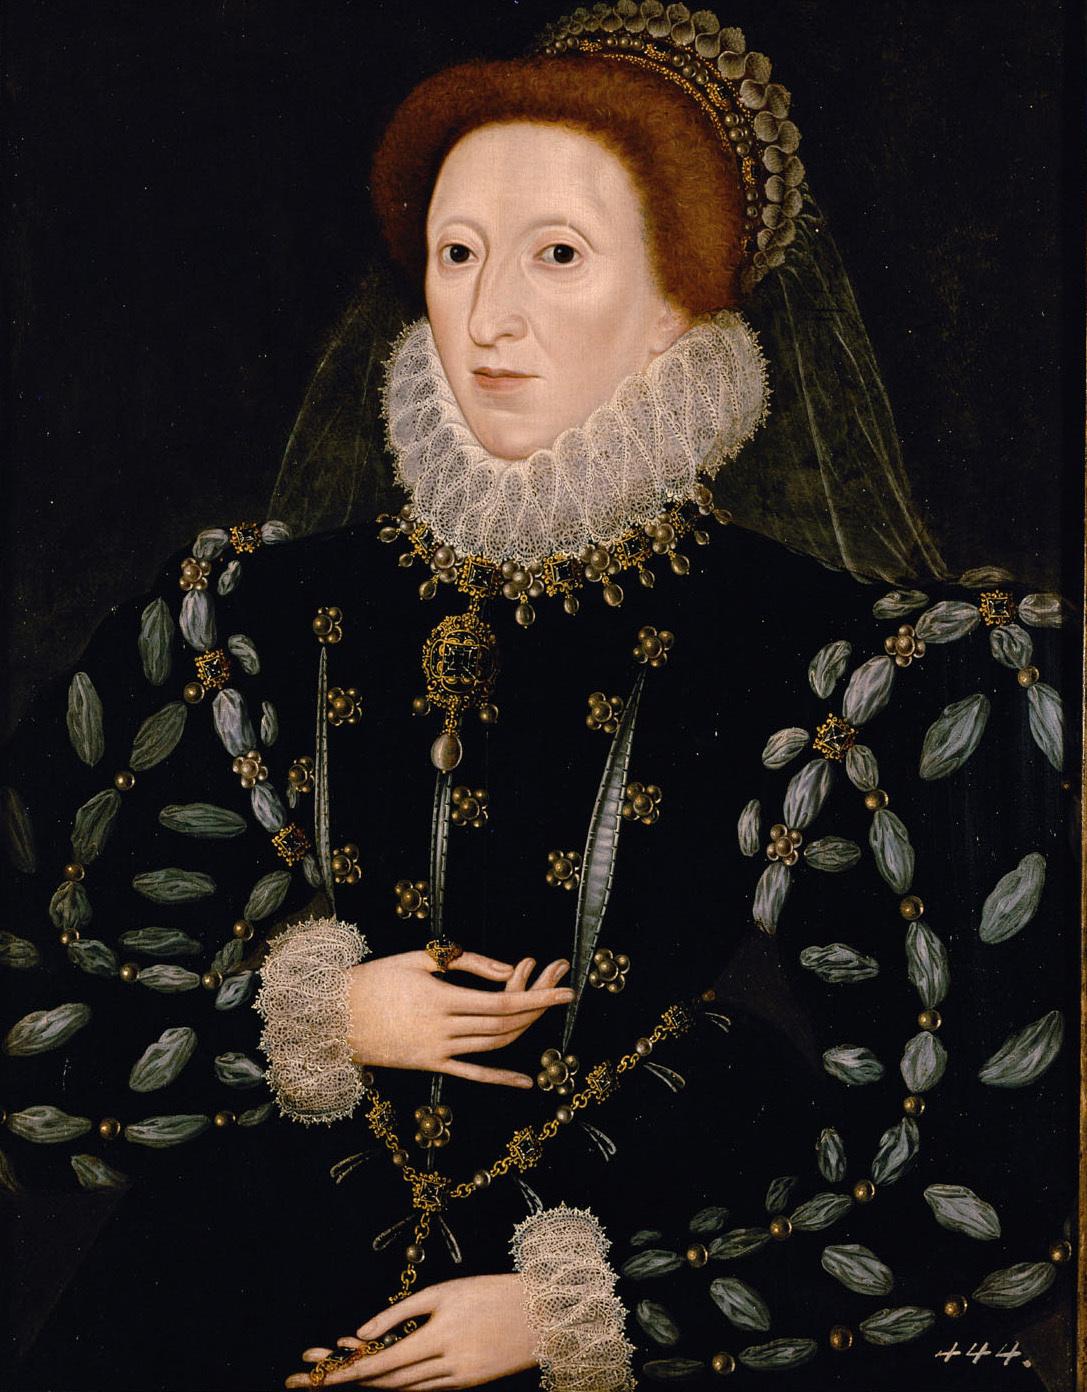 Königin Elisabeth I. von England (1558-1603), Brustbild von Nicholas Hilliard